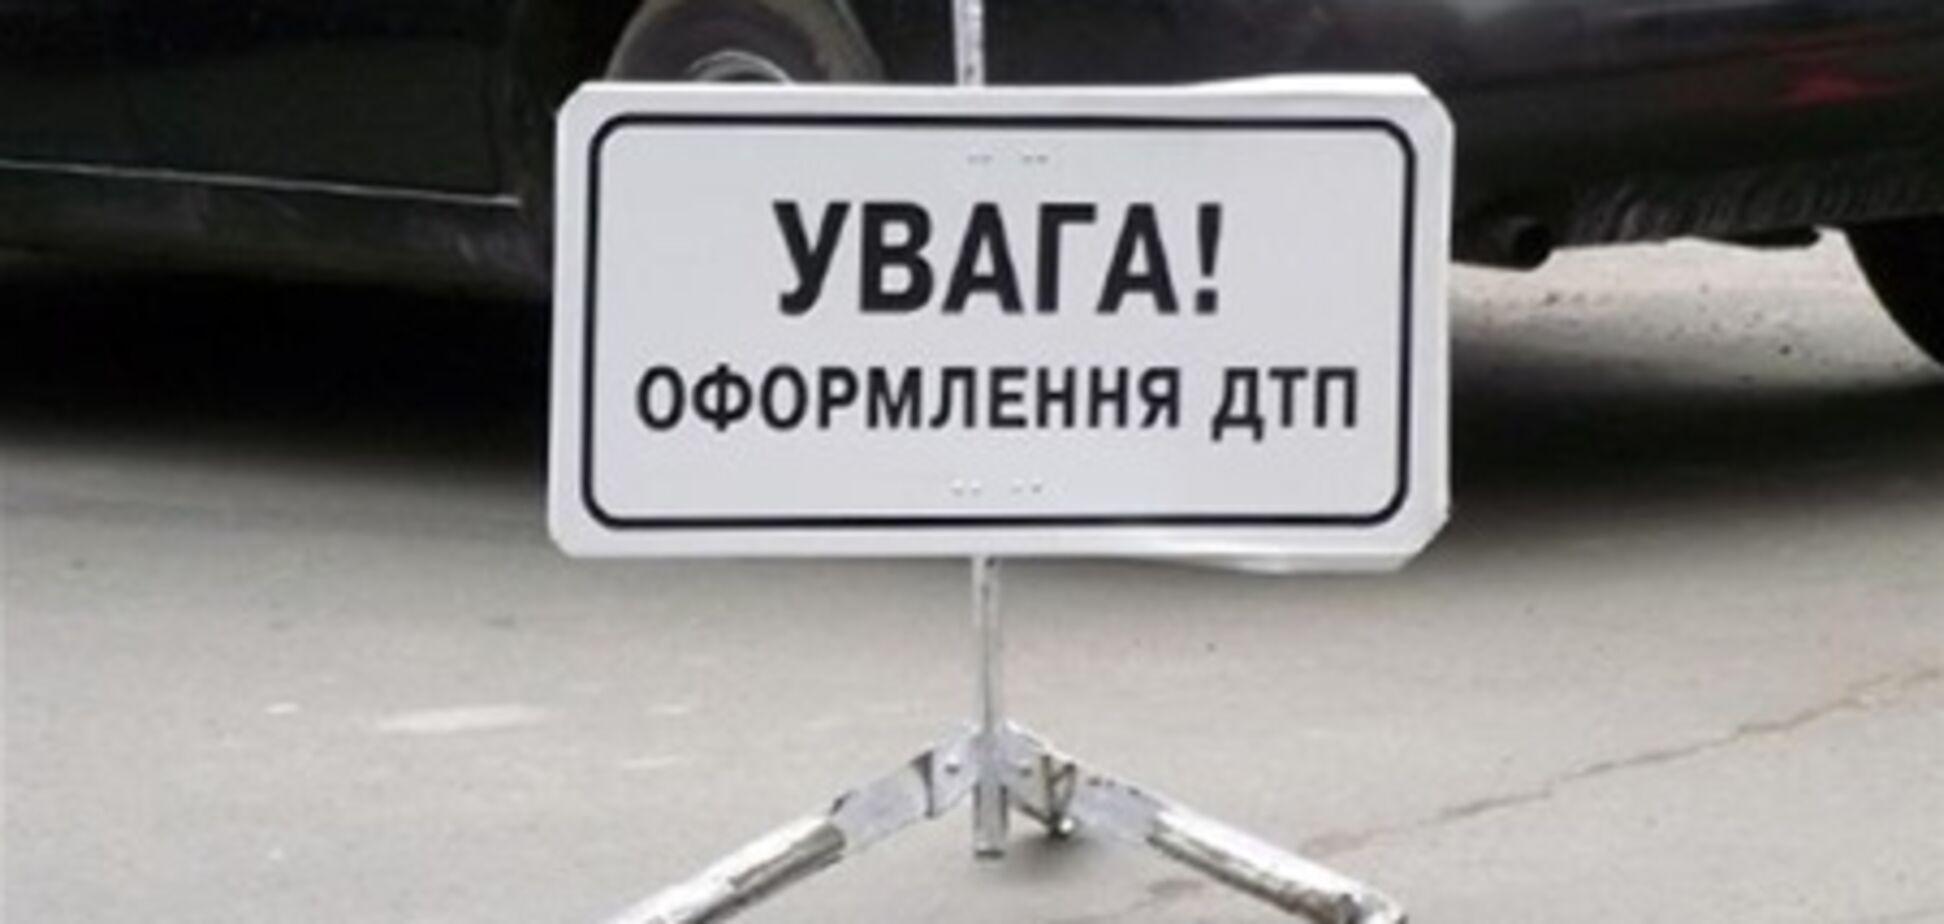 Крупное ДТП на Днепропетровщине: погибли 4 человека, 7 – в больнице